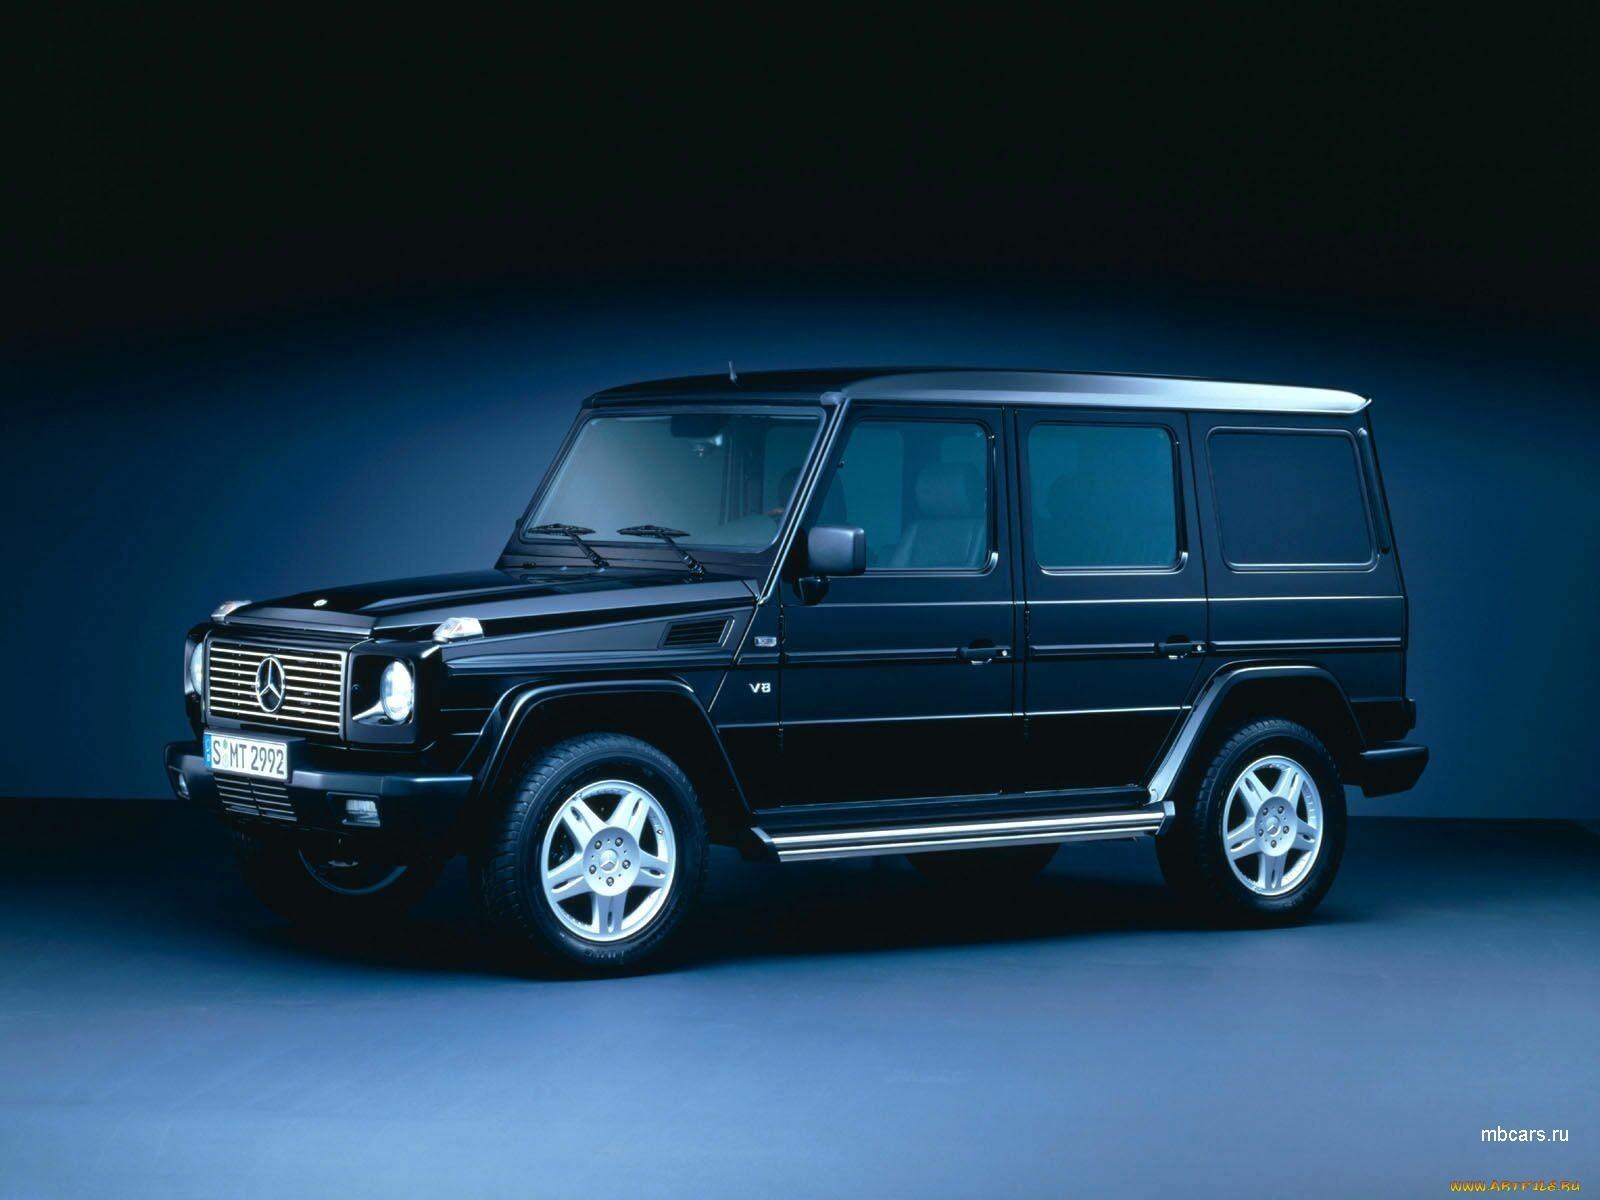 21353 скачать обои Транспорт, Машины, Мерседес (Mercedes) - заставки и картинки бесплатно